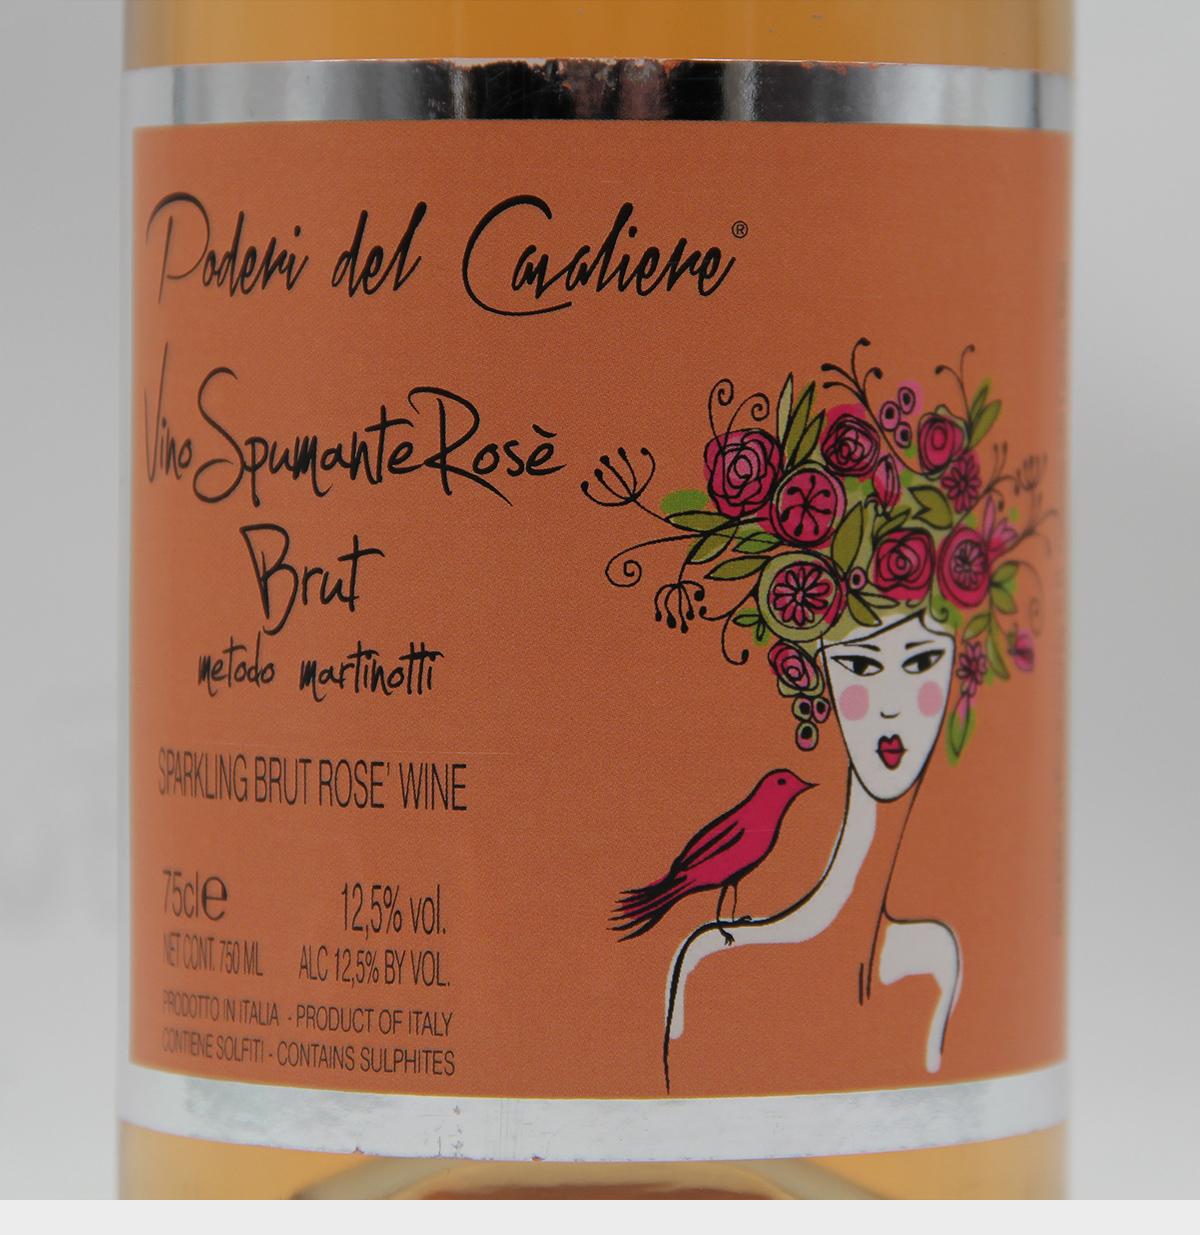 骑士之地玫瑰红干型起泡葡萄酒